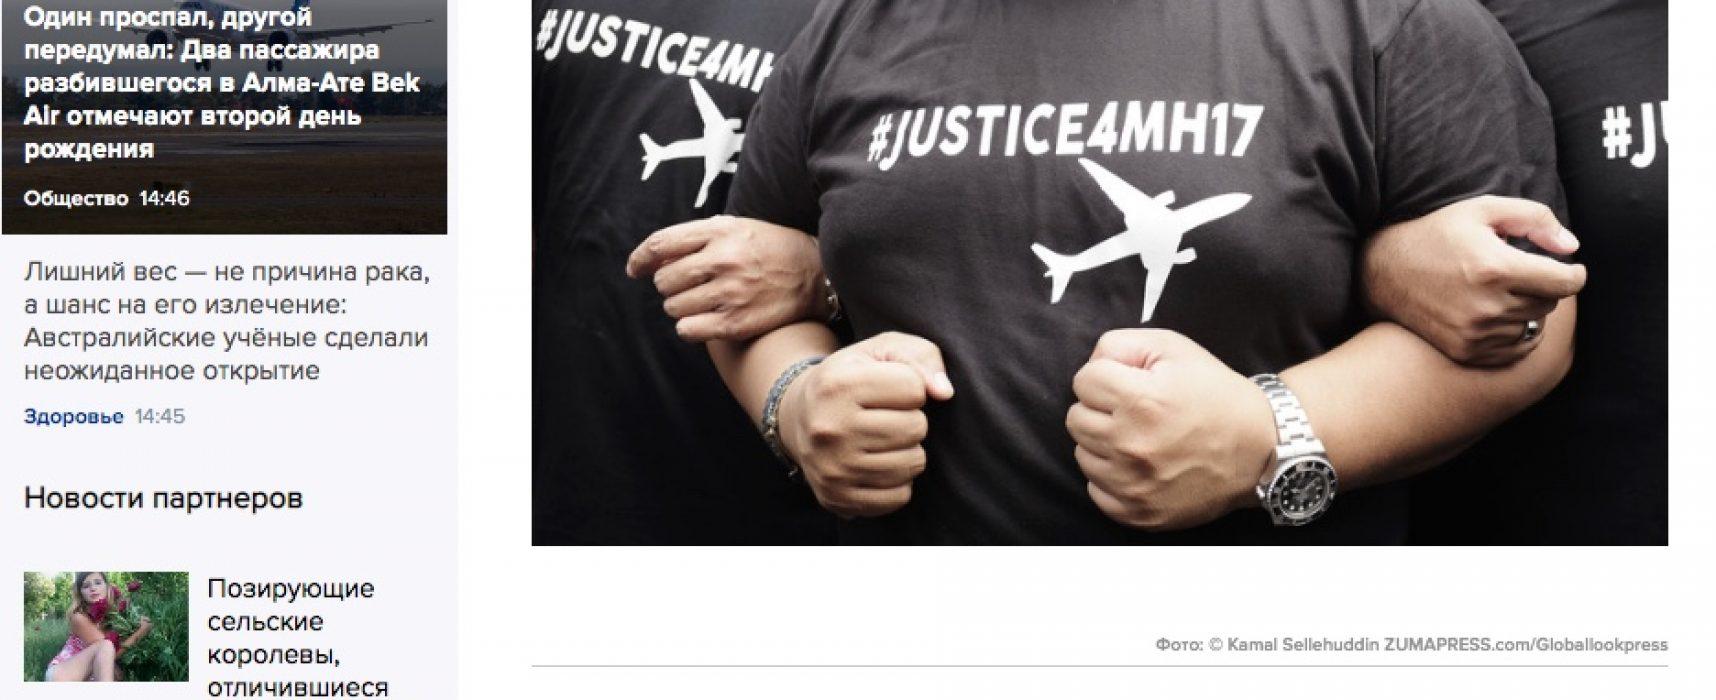 Фейк: США не предоставила спутниковые снимки следствию по делу MH17